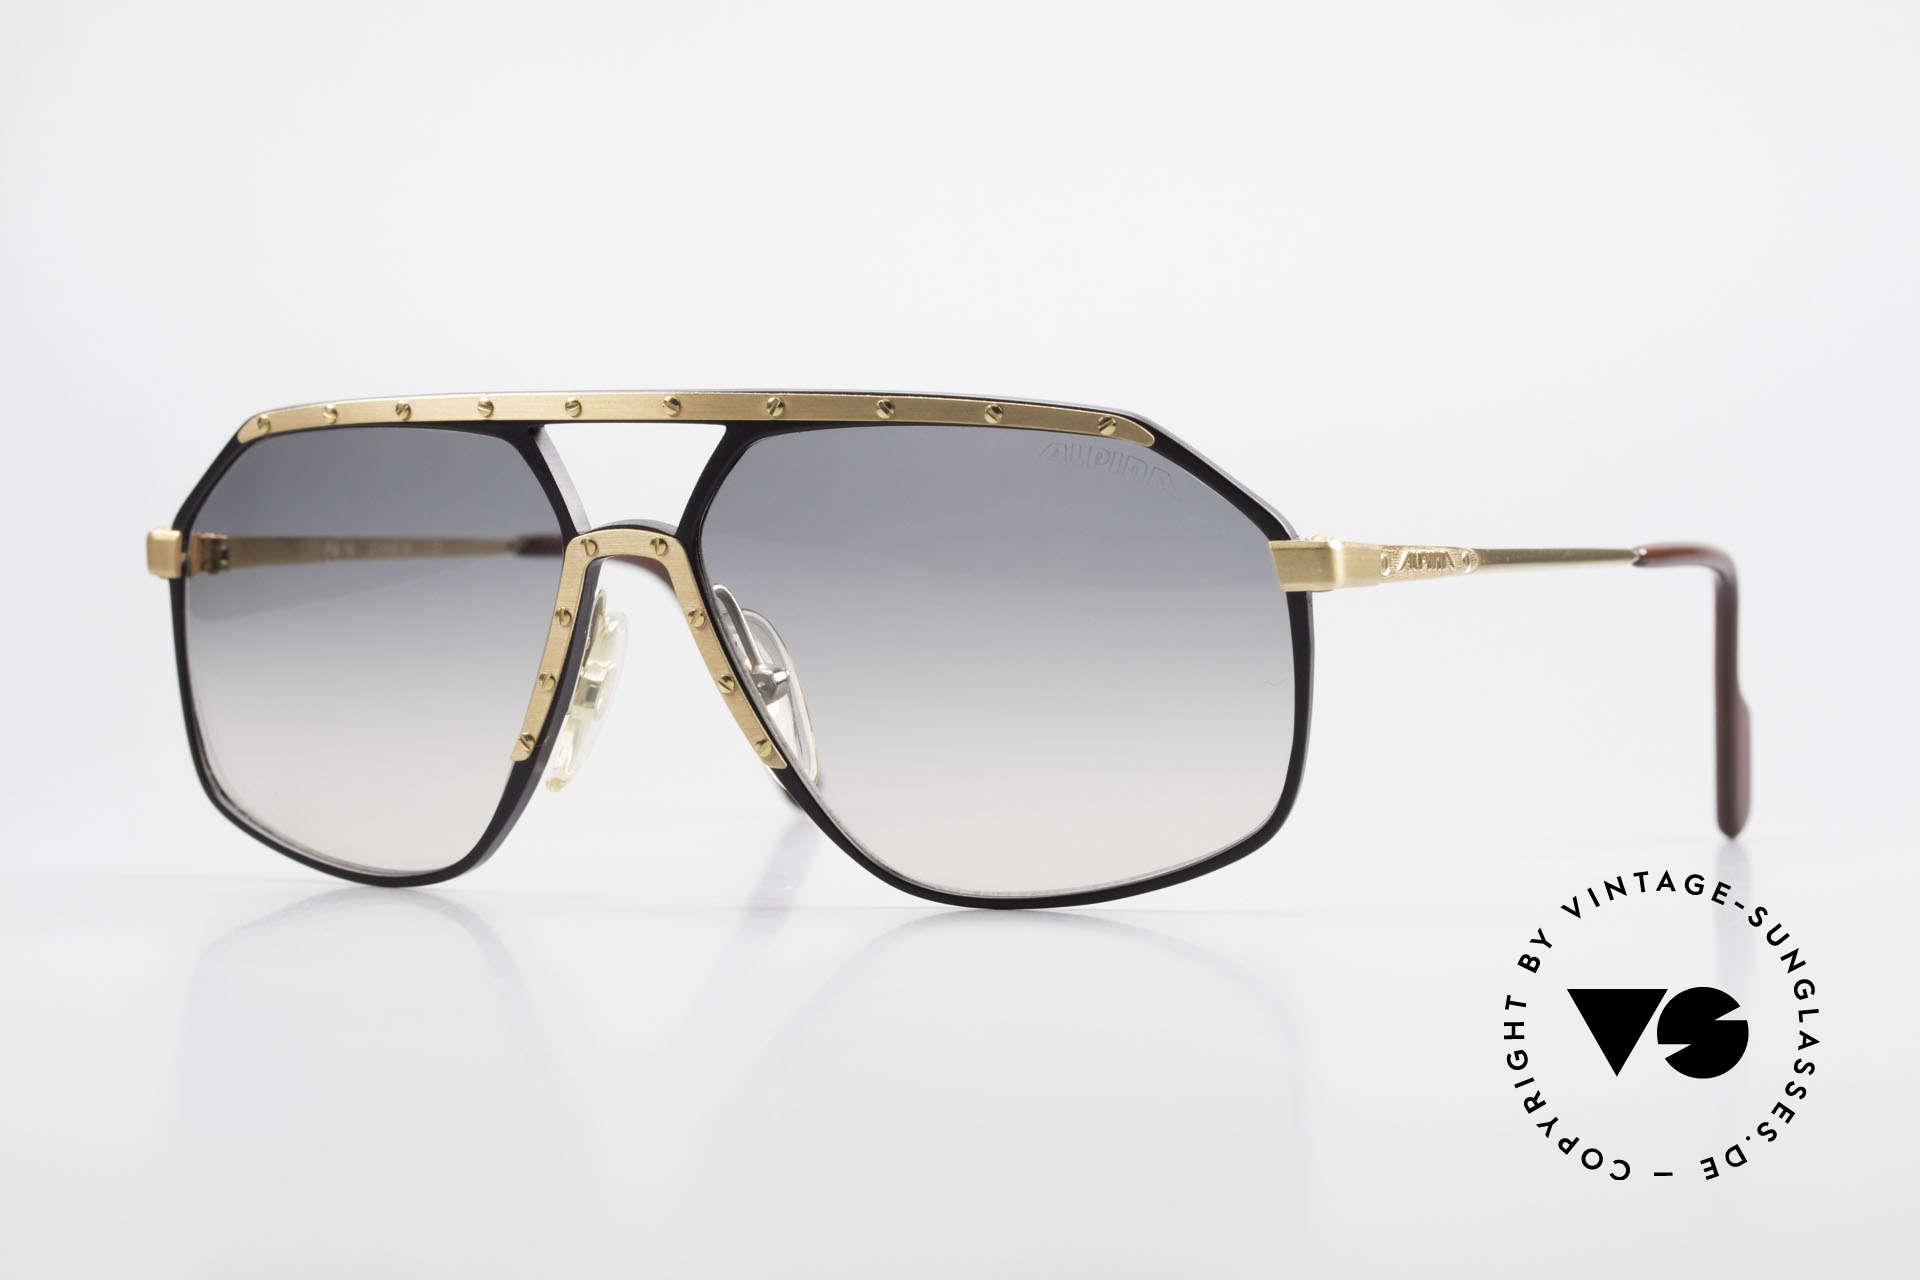 Alpina M6 True Vintage Sonnenbrille 80er, legendäre true vintage Sonnenbrille: ALPINA M6, Passend für Herren und Damen